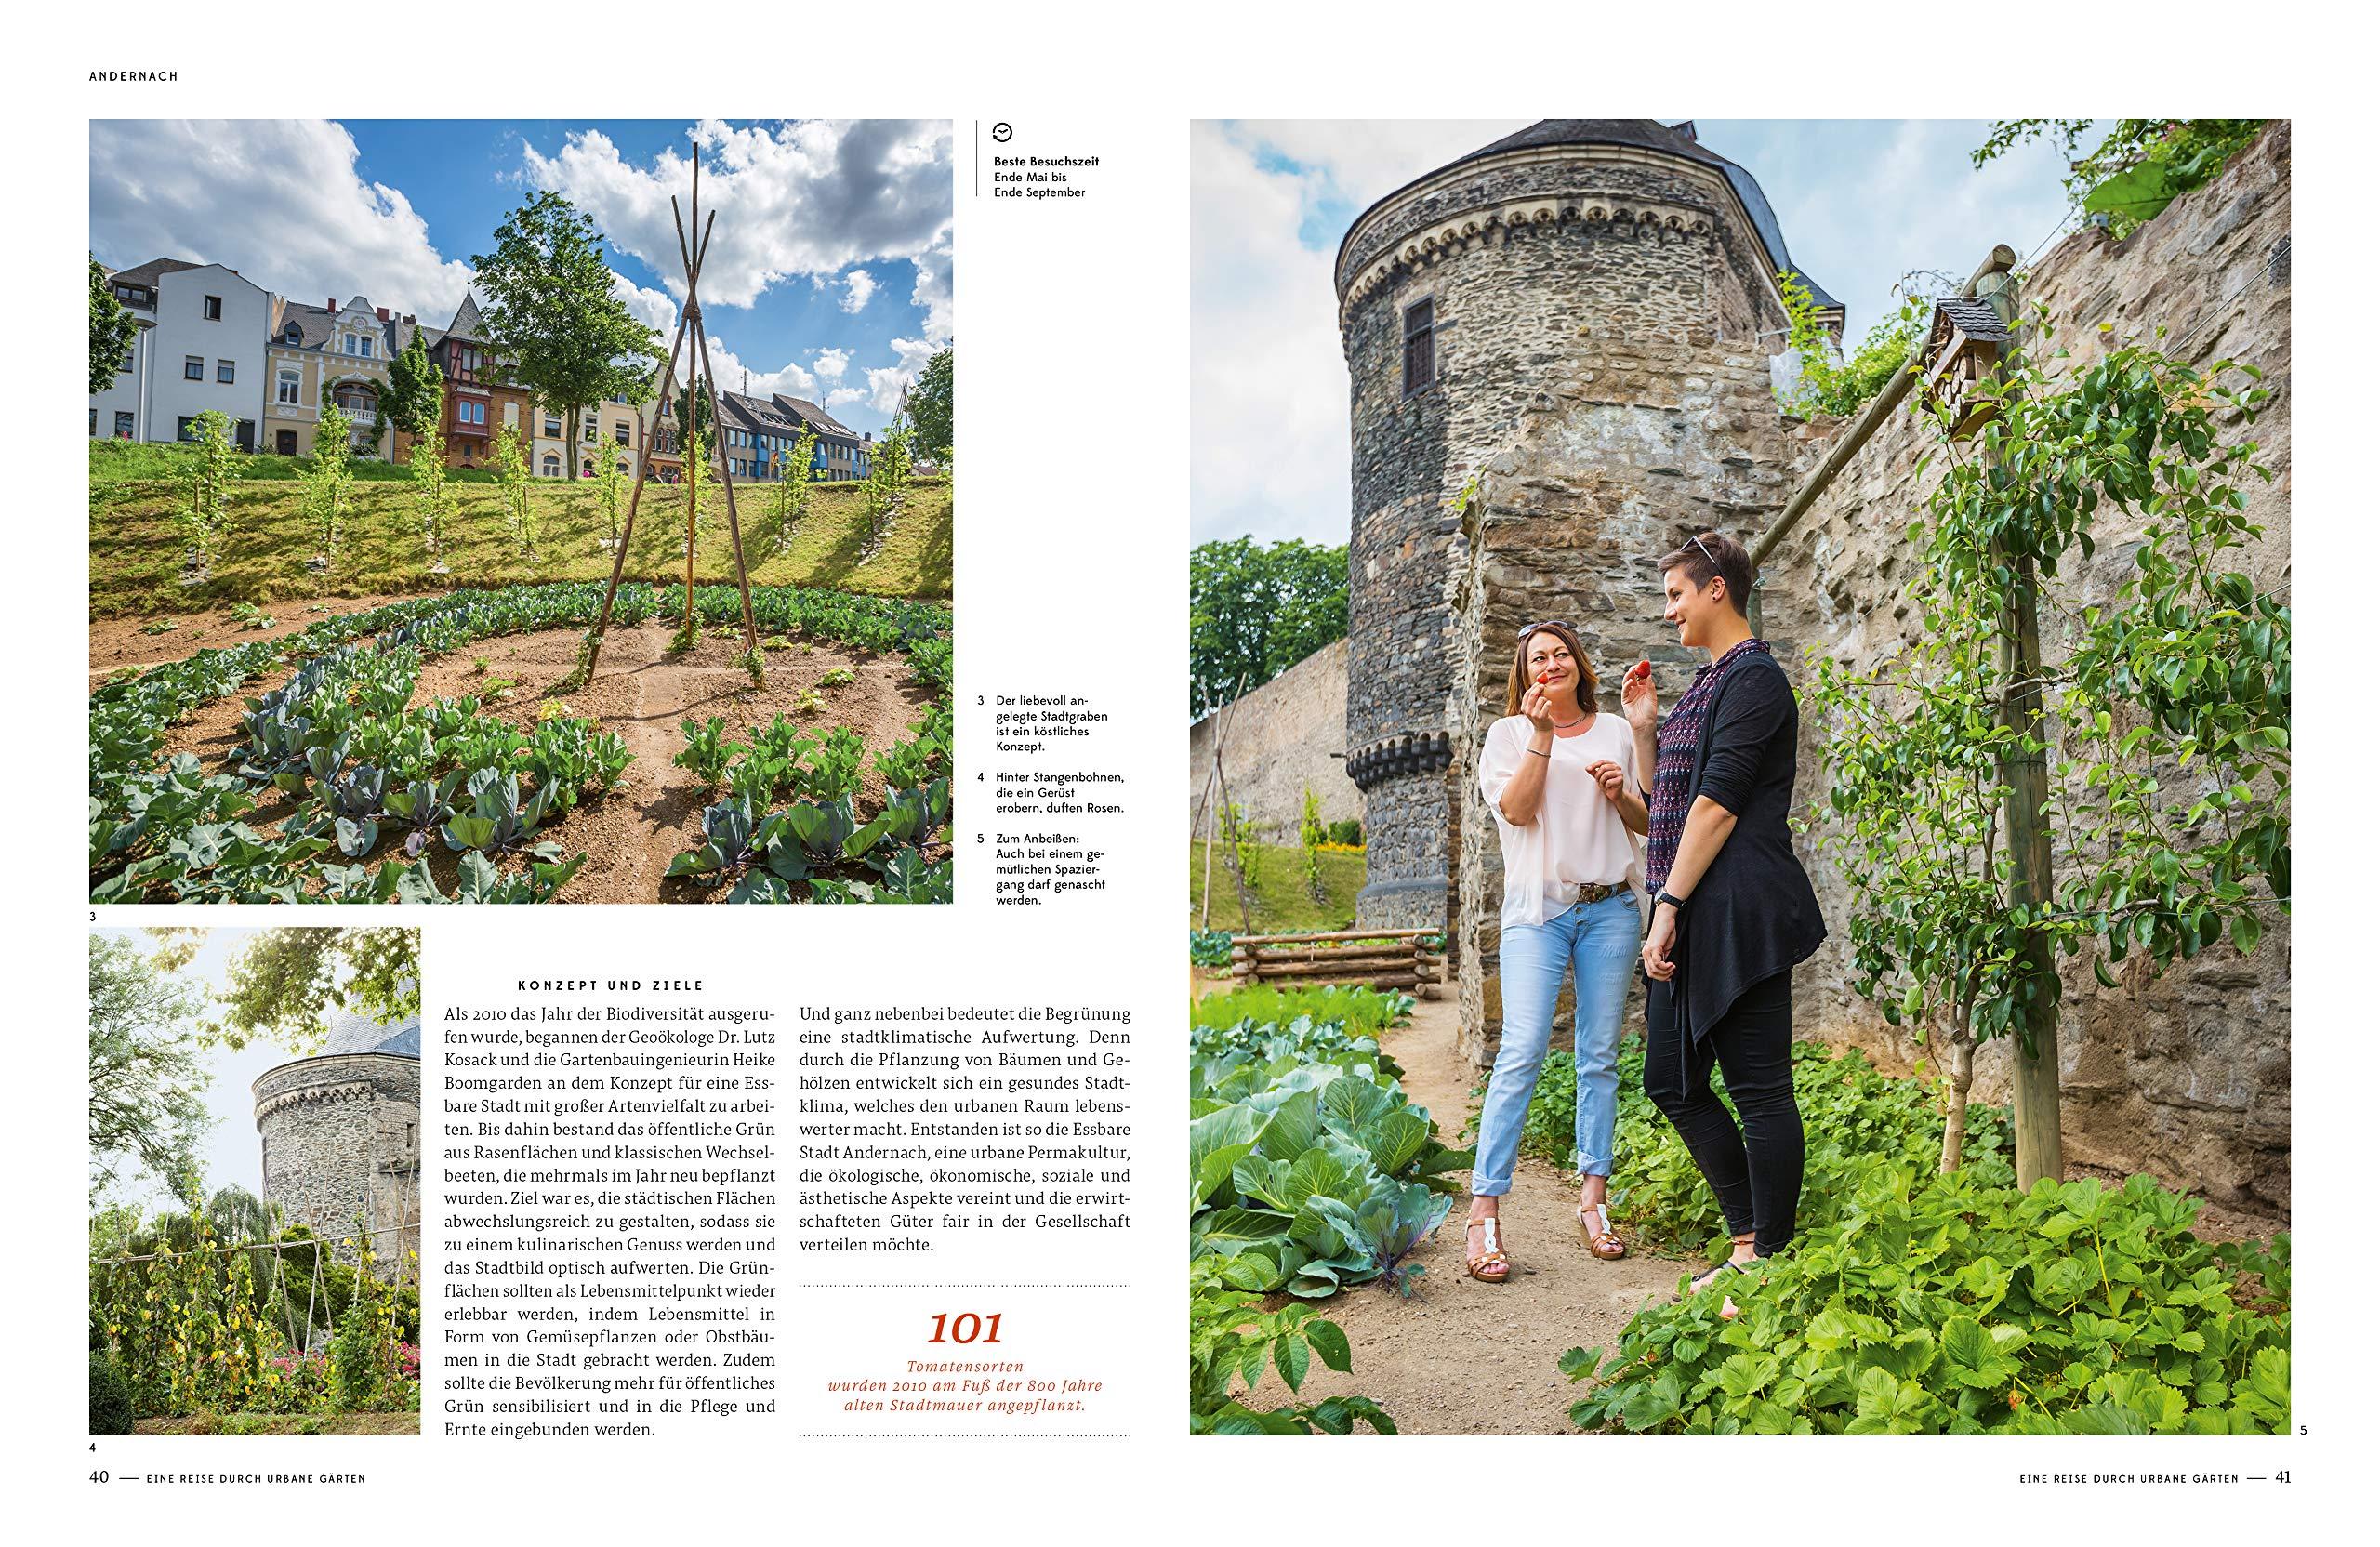 Rein Ins Grune Raus In Die Stadt Eine Reise Durch Urbane Garten